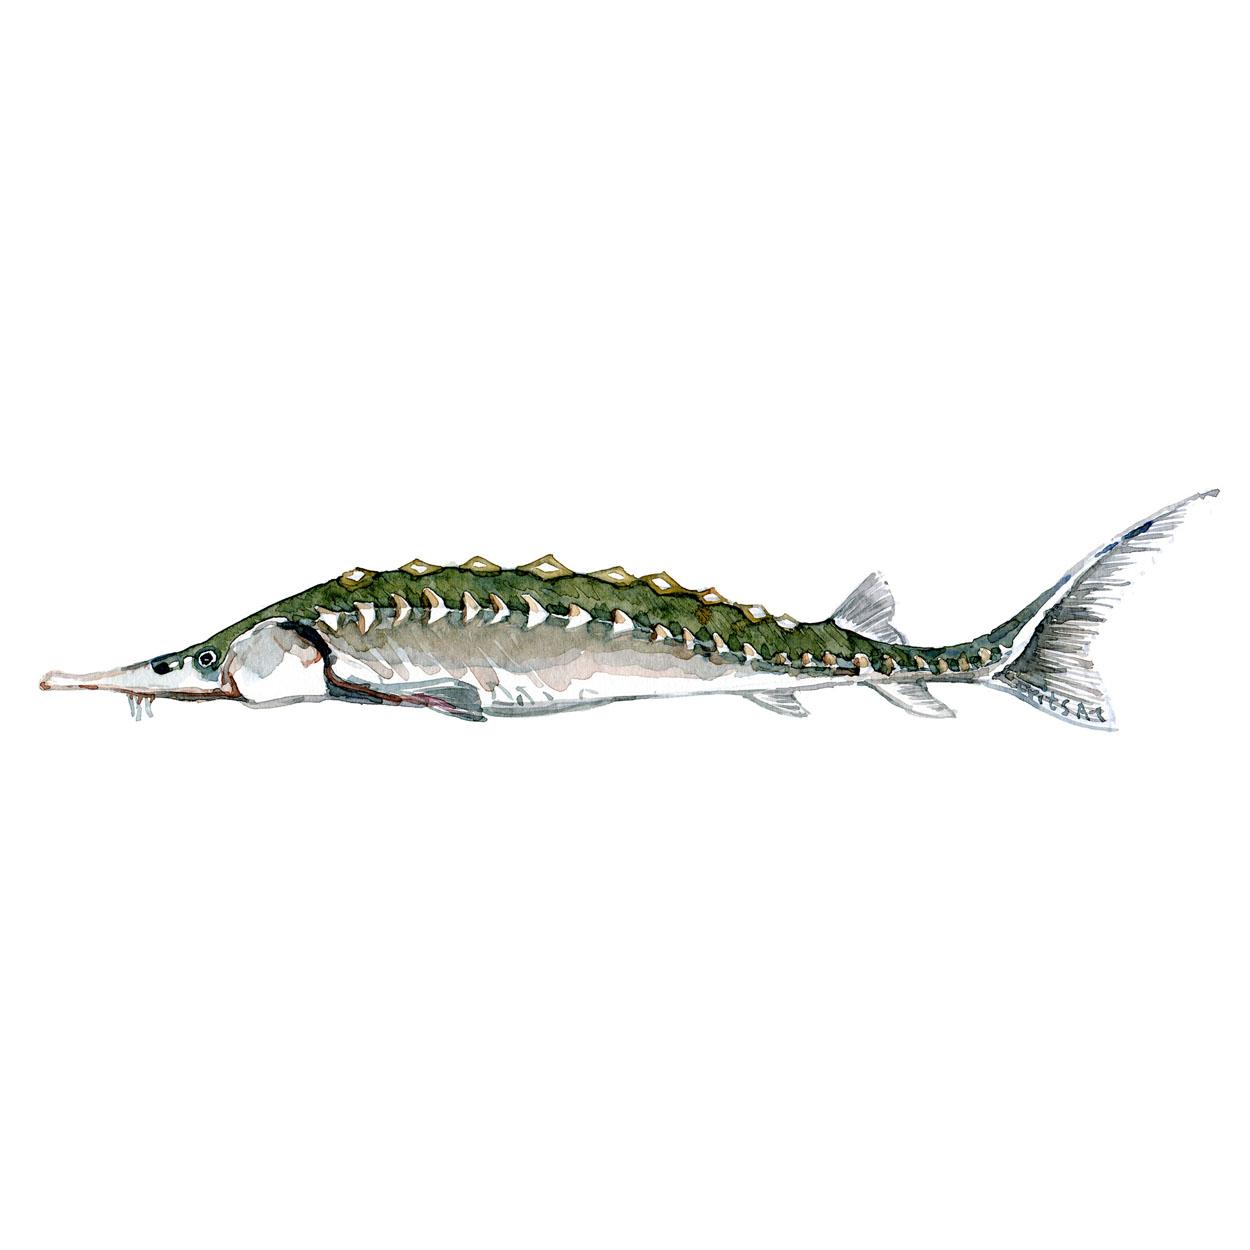 Stør Ferskvandsfisk og biodiversitet i Danmark Akvarel af Frits Ahlefeldt